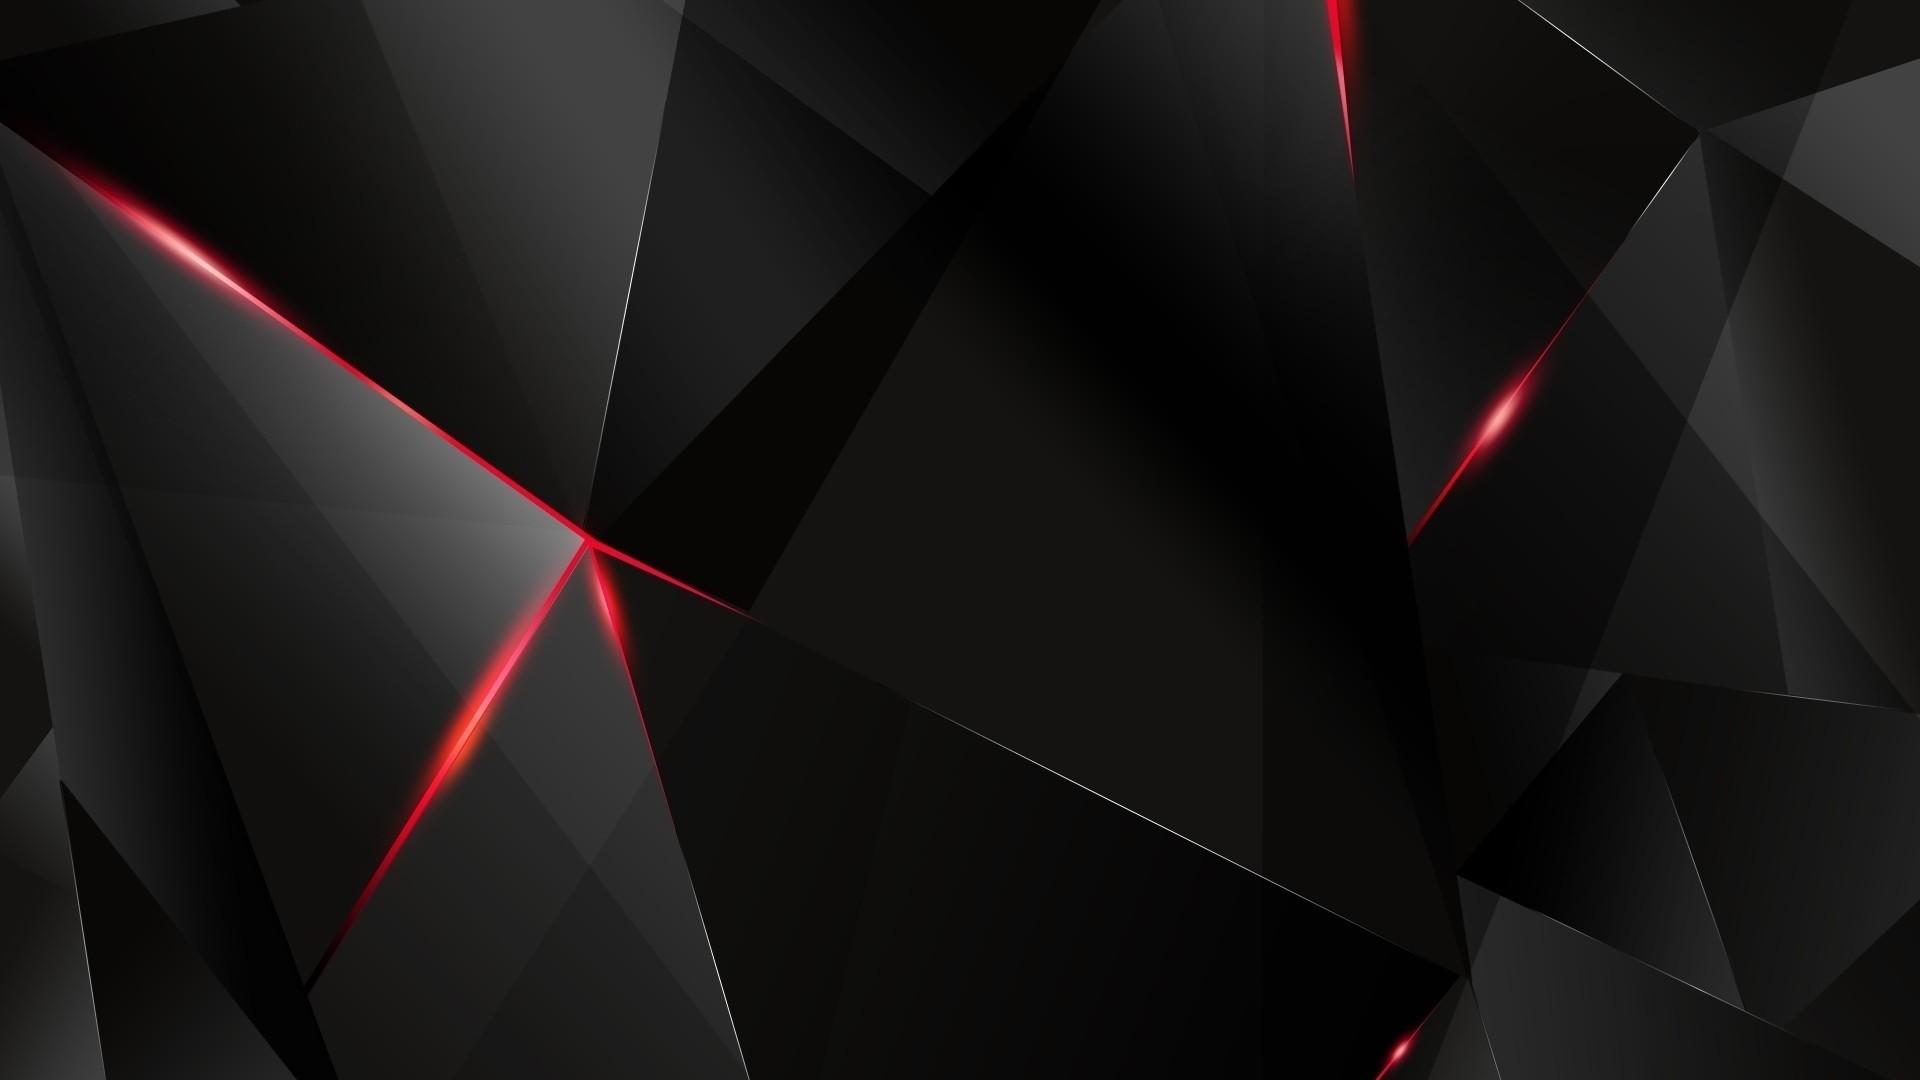 Black Screen Wallpaper Windows 10 لم يسبق له مثيل الصور Tier3 Xyz